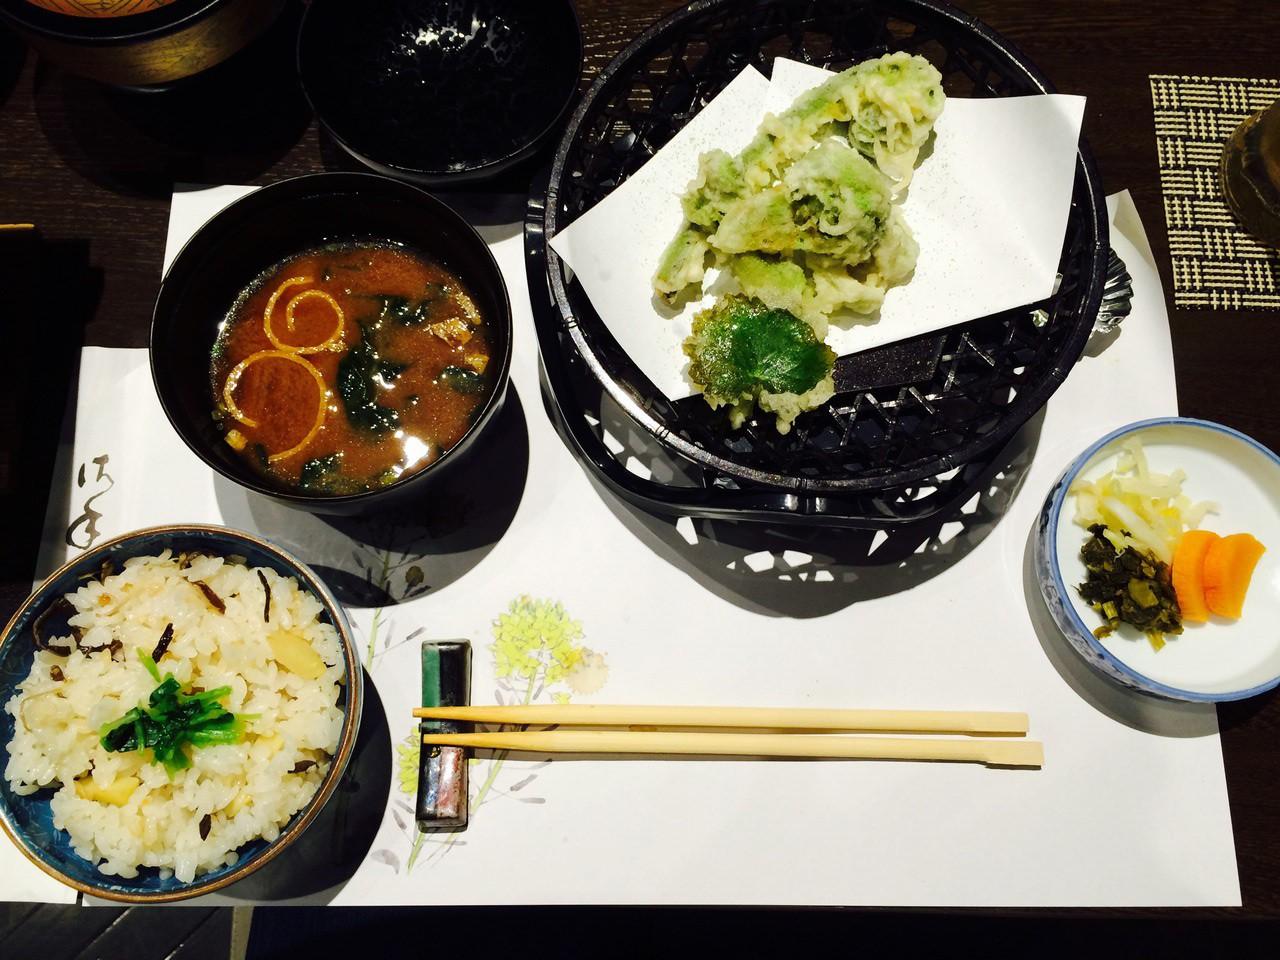 Grün und scharf: Wasabi darf in der japanischen Küche nicht fehlen.